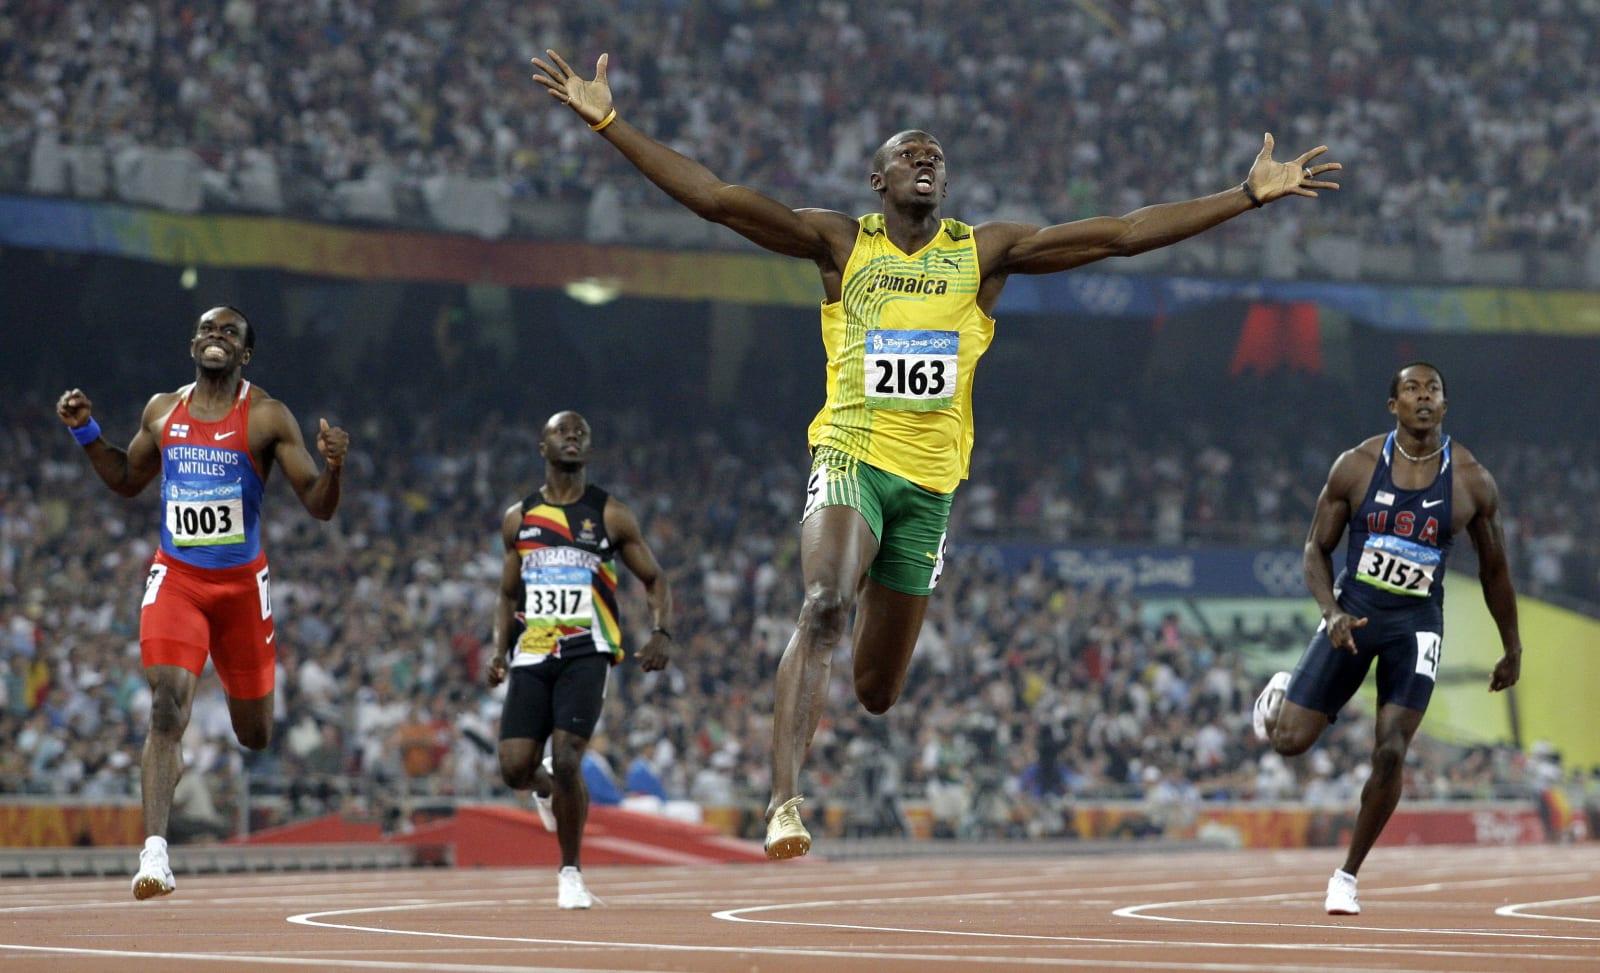 Parenting Usain Bolt's Mom